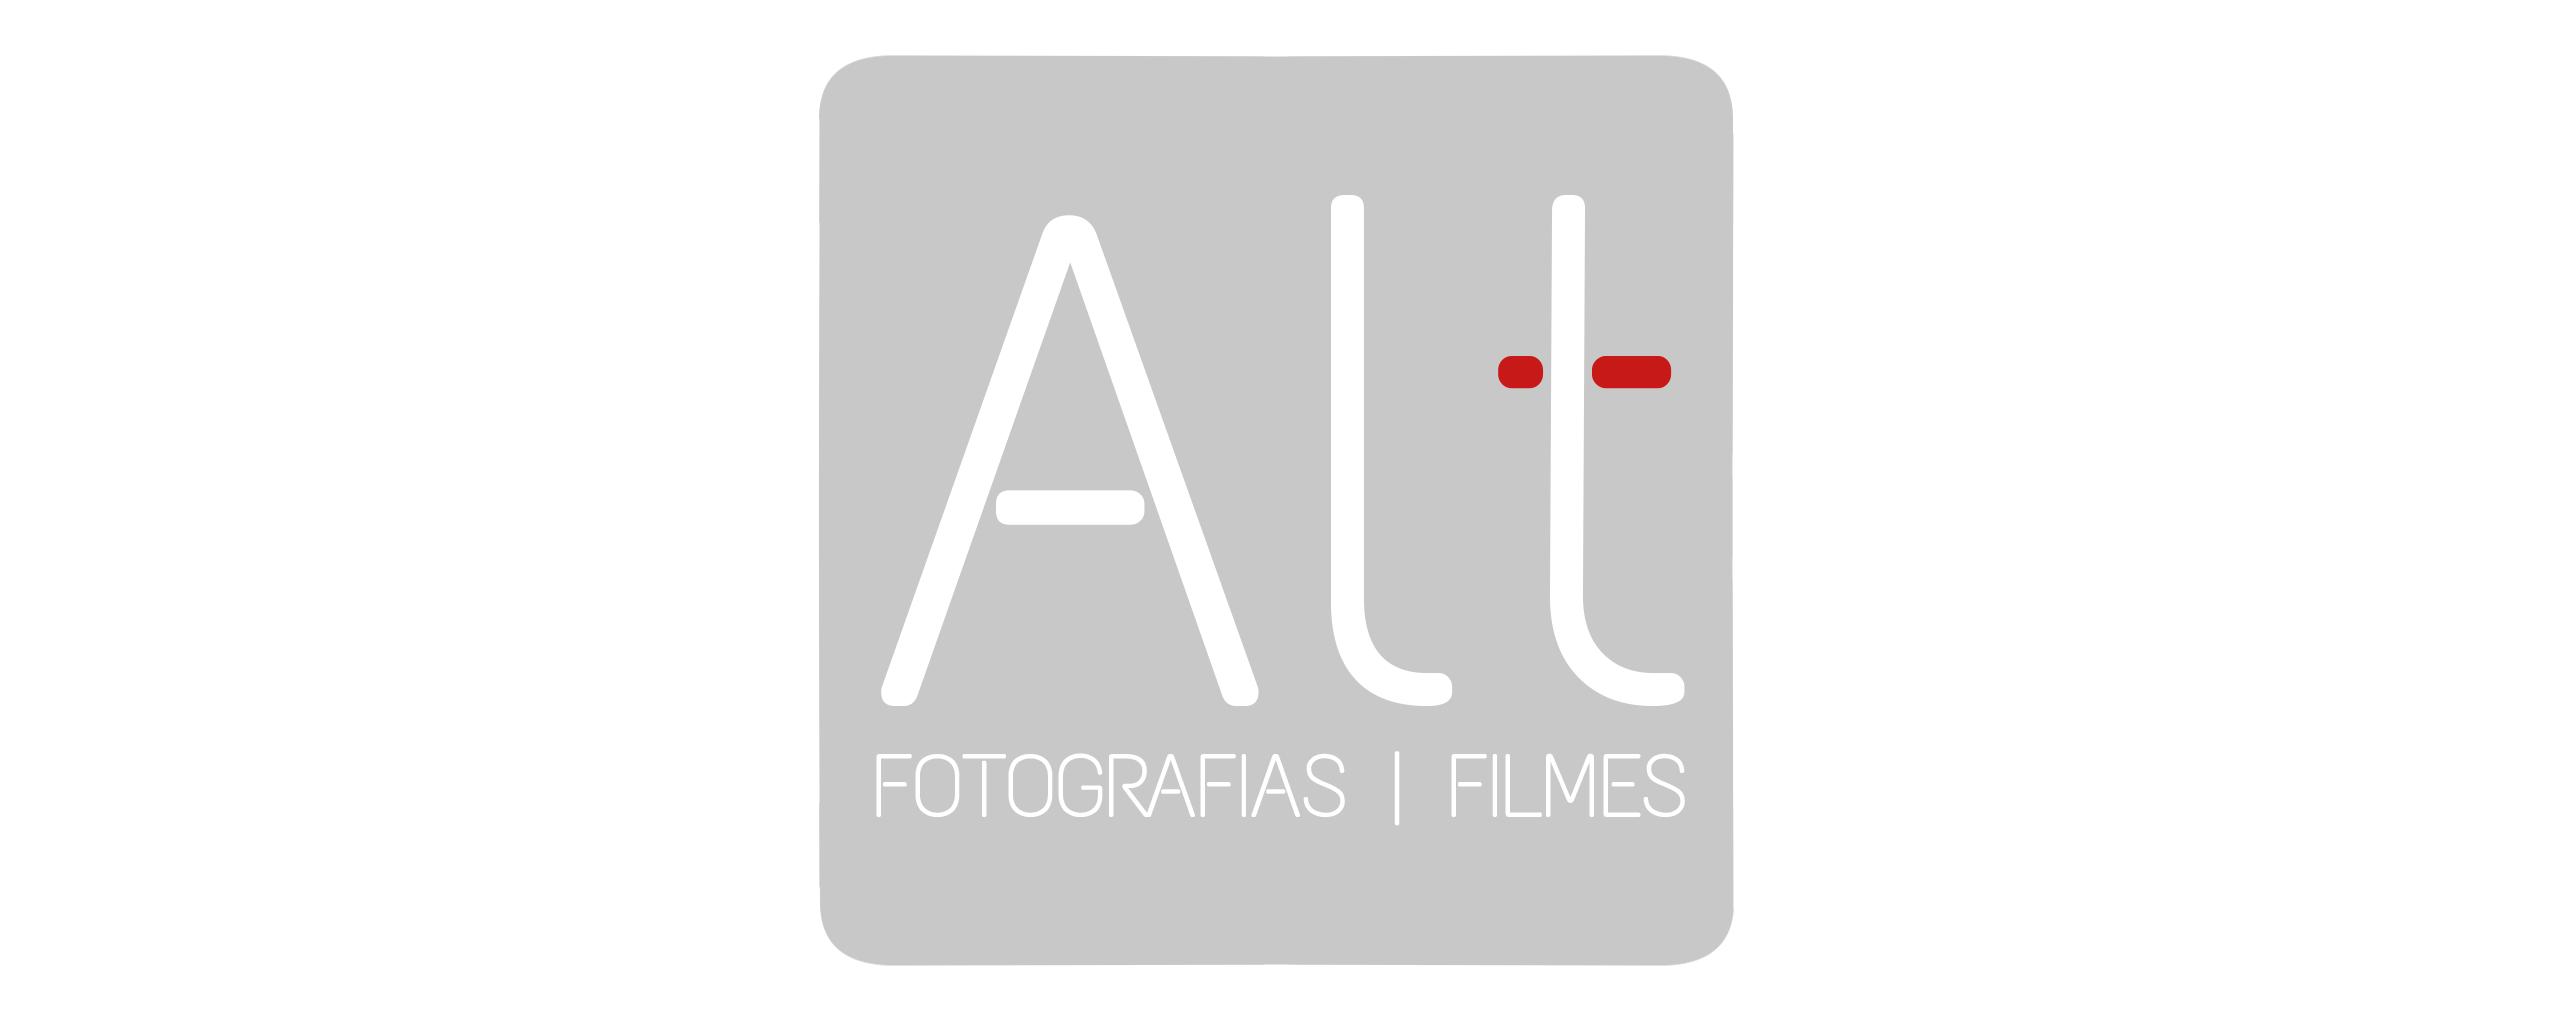 Contate Alt Studio | Fotografia e Filmes | Maringá - PR